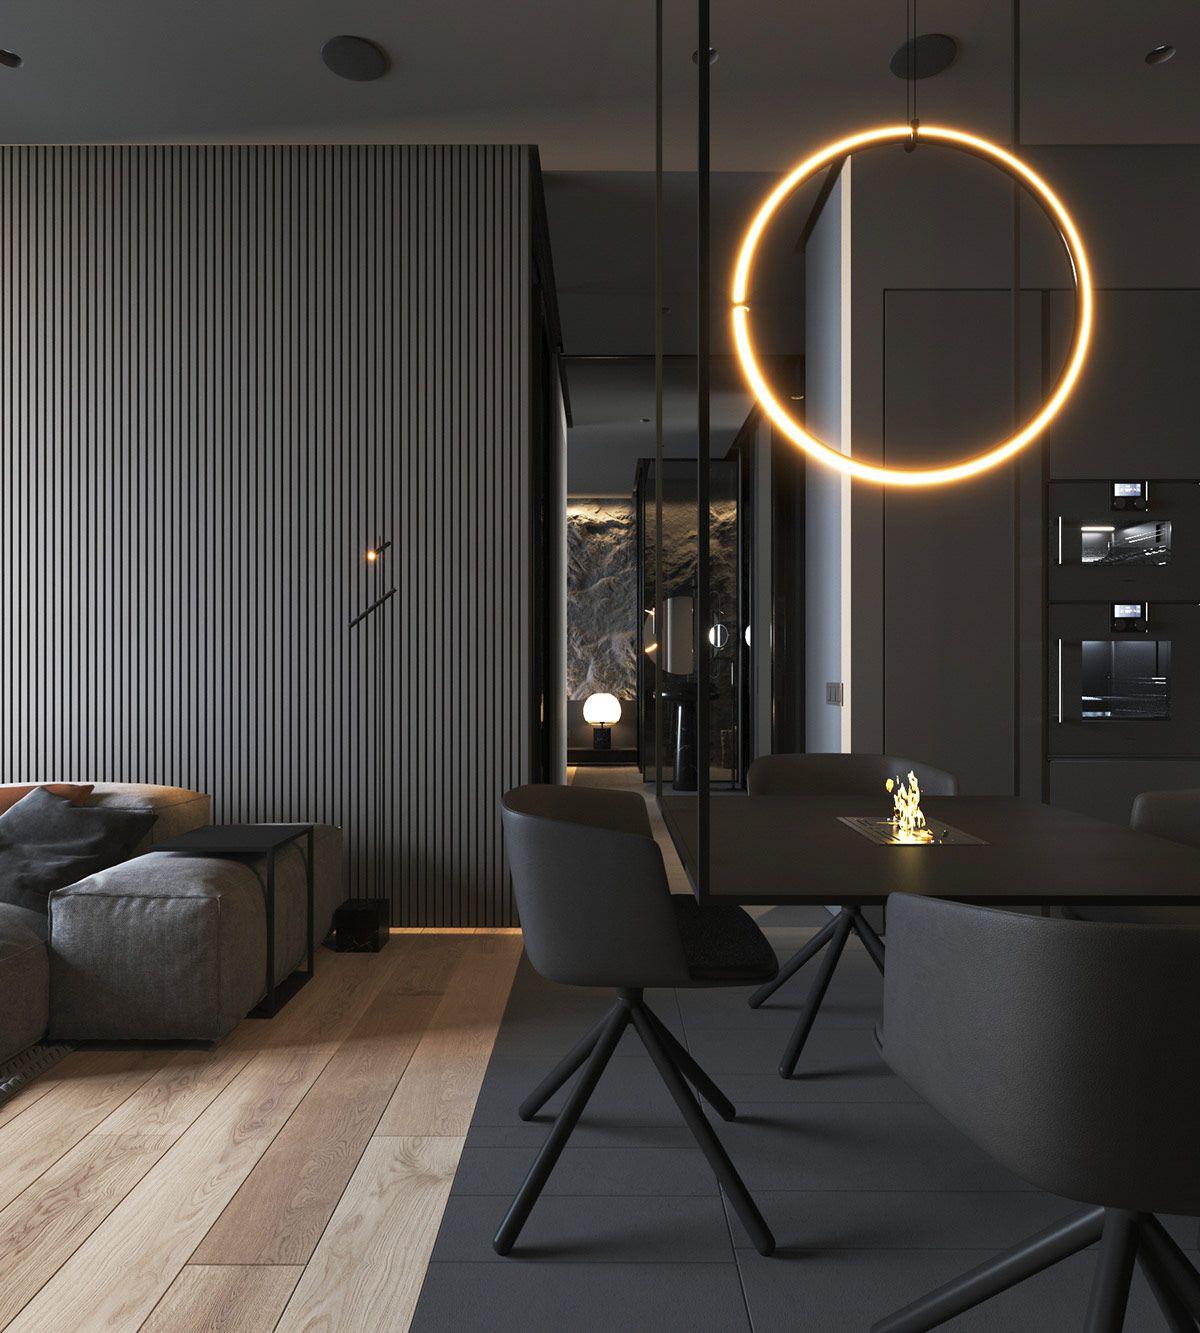 Wie Die Beleuchtung Und Texturen, Um Interesse Zu Addieren, Um Dunkle Innenräume